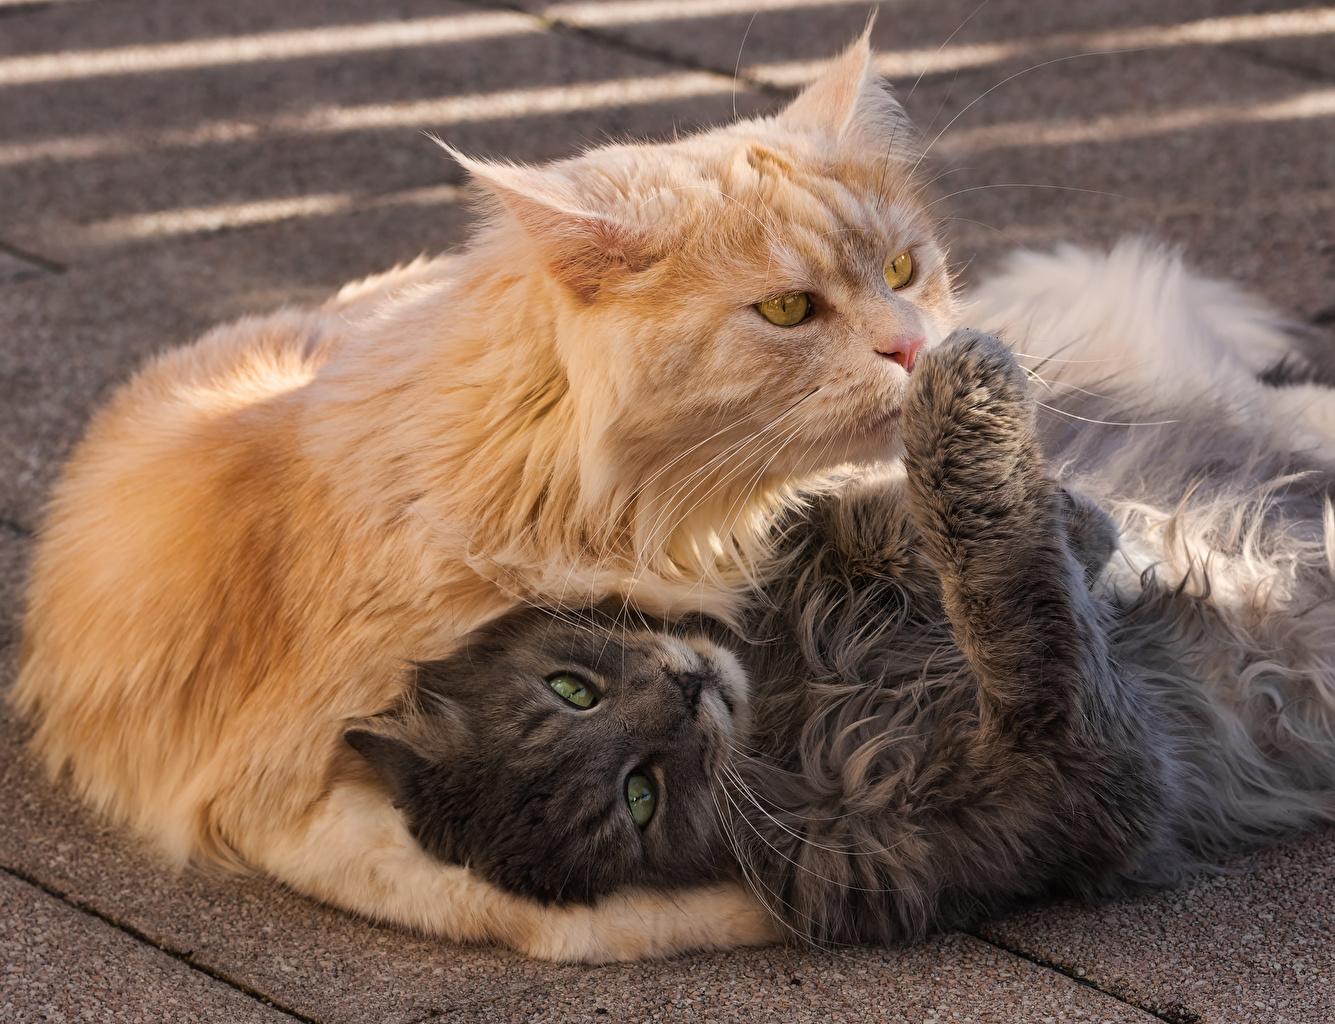 Фото Кошки 2 рыжая серые животное кот коты кошка два две Двое рыжие Рыжий серая Серый вдвоем Животные